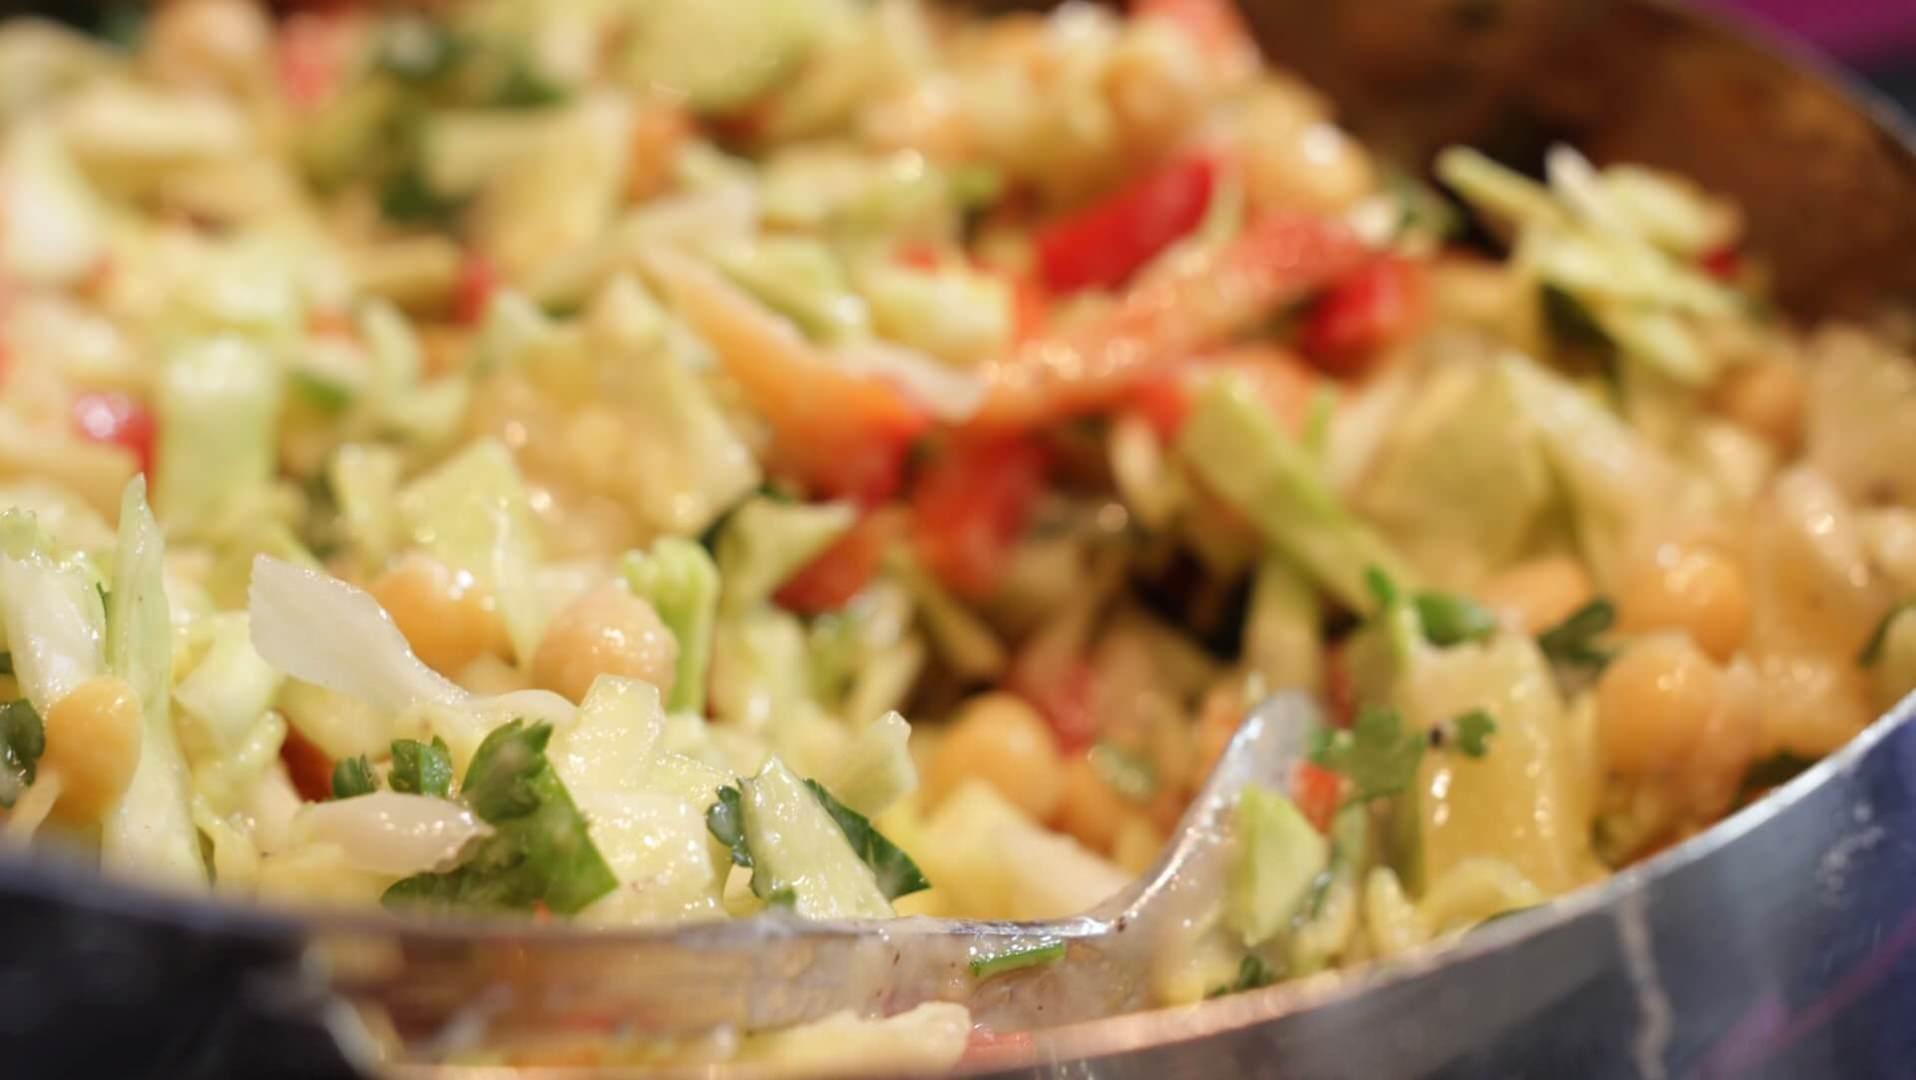 Jesienna sałatka z kapustą i ciecierzycą bezglutenowa kuchnia wegańska Atelier Smaku